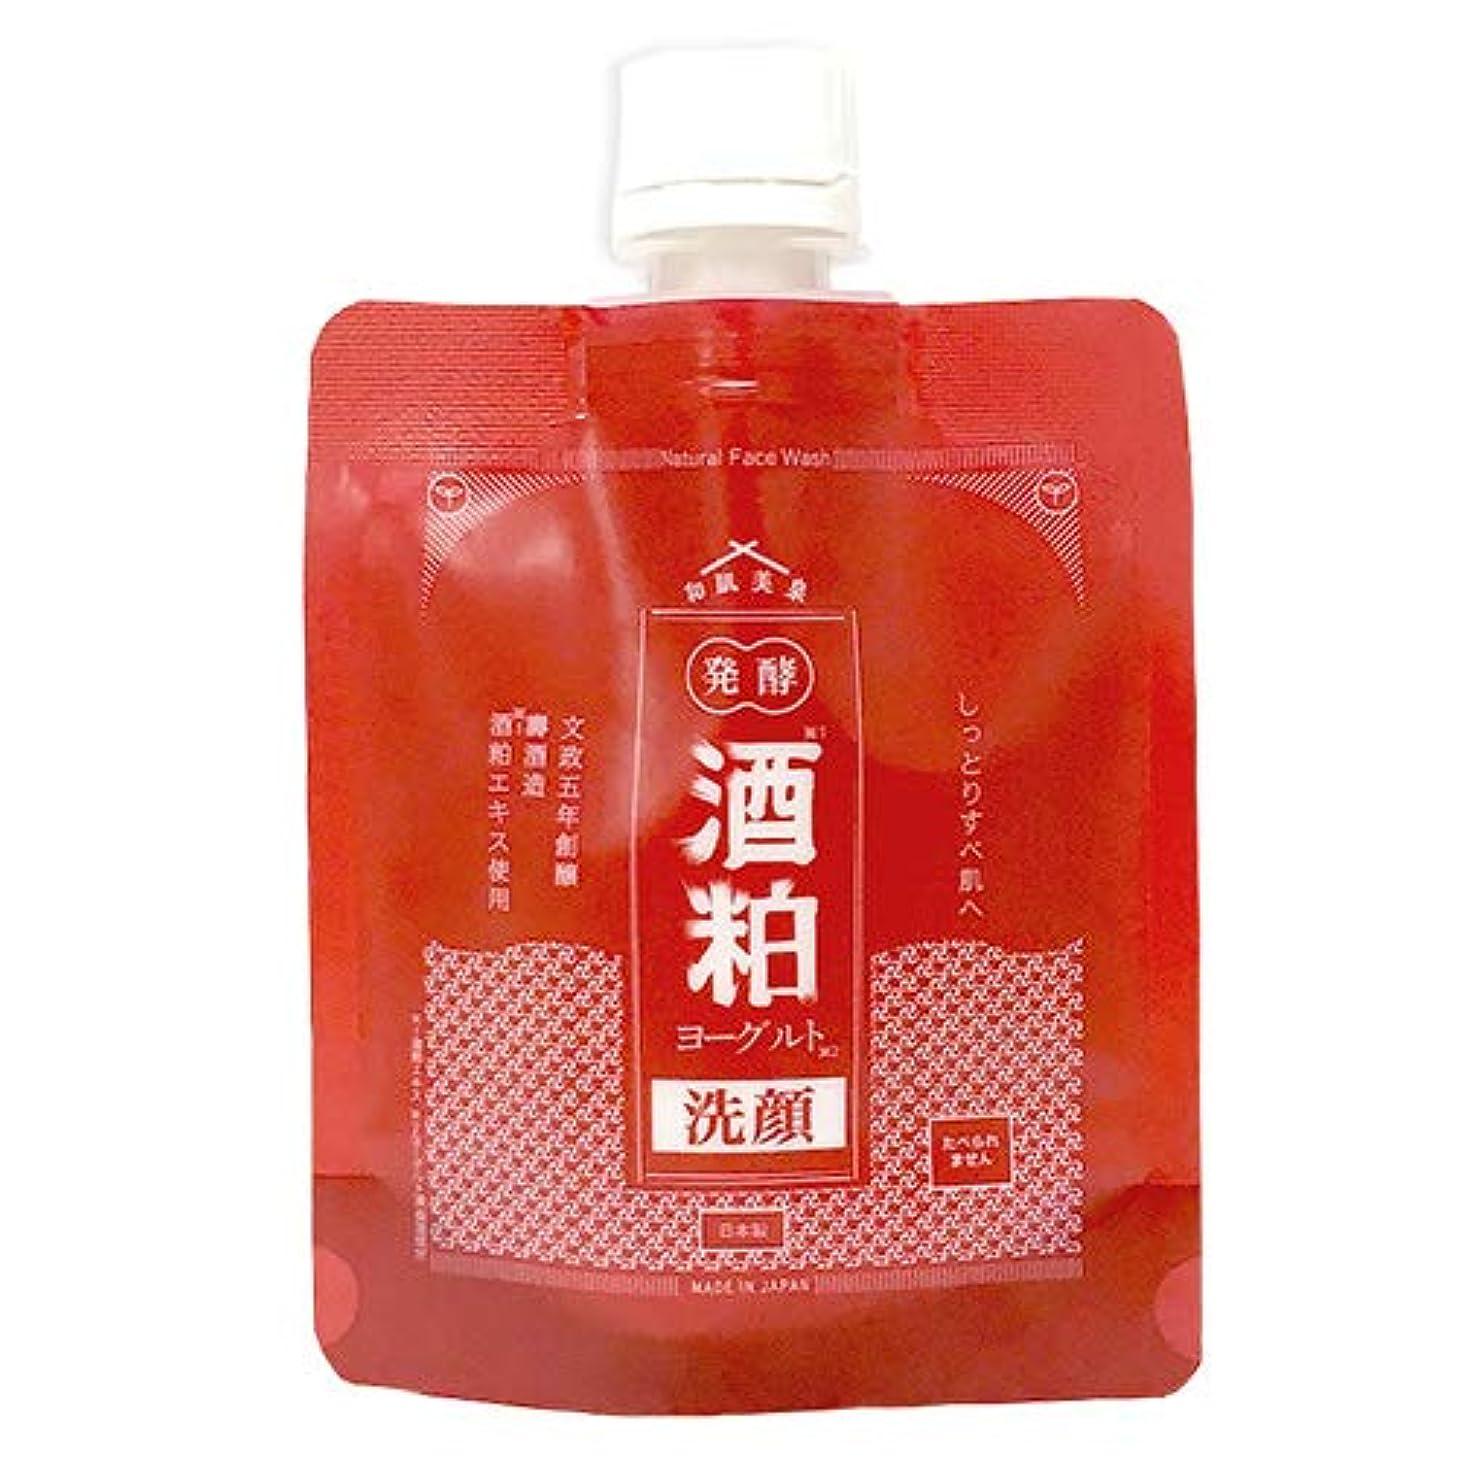 モート気づかない形成和肌美泉 発酵•酒粕ヨーグルト洗顔 100g